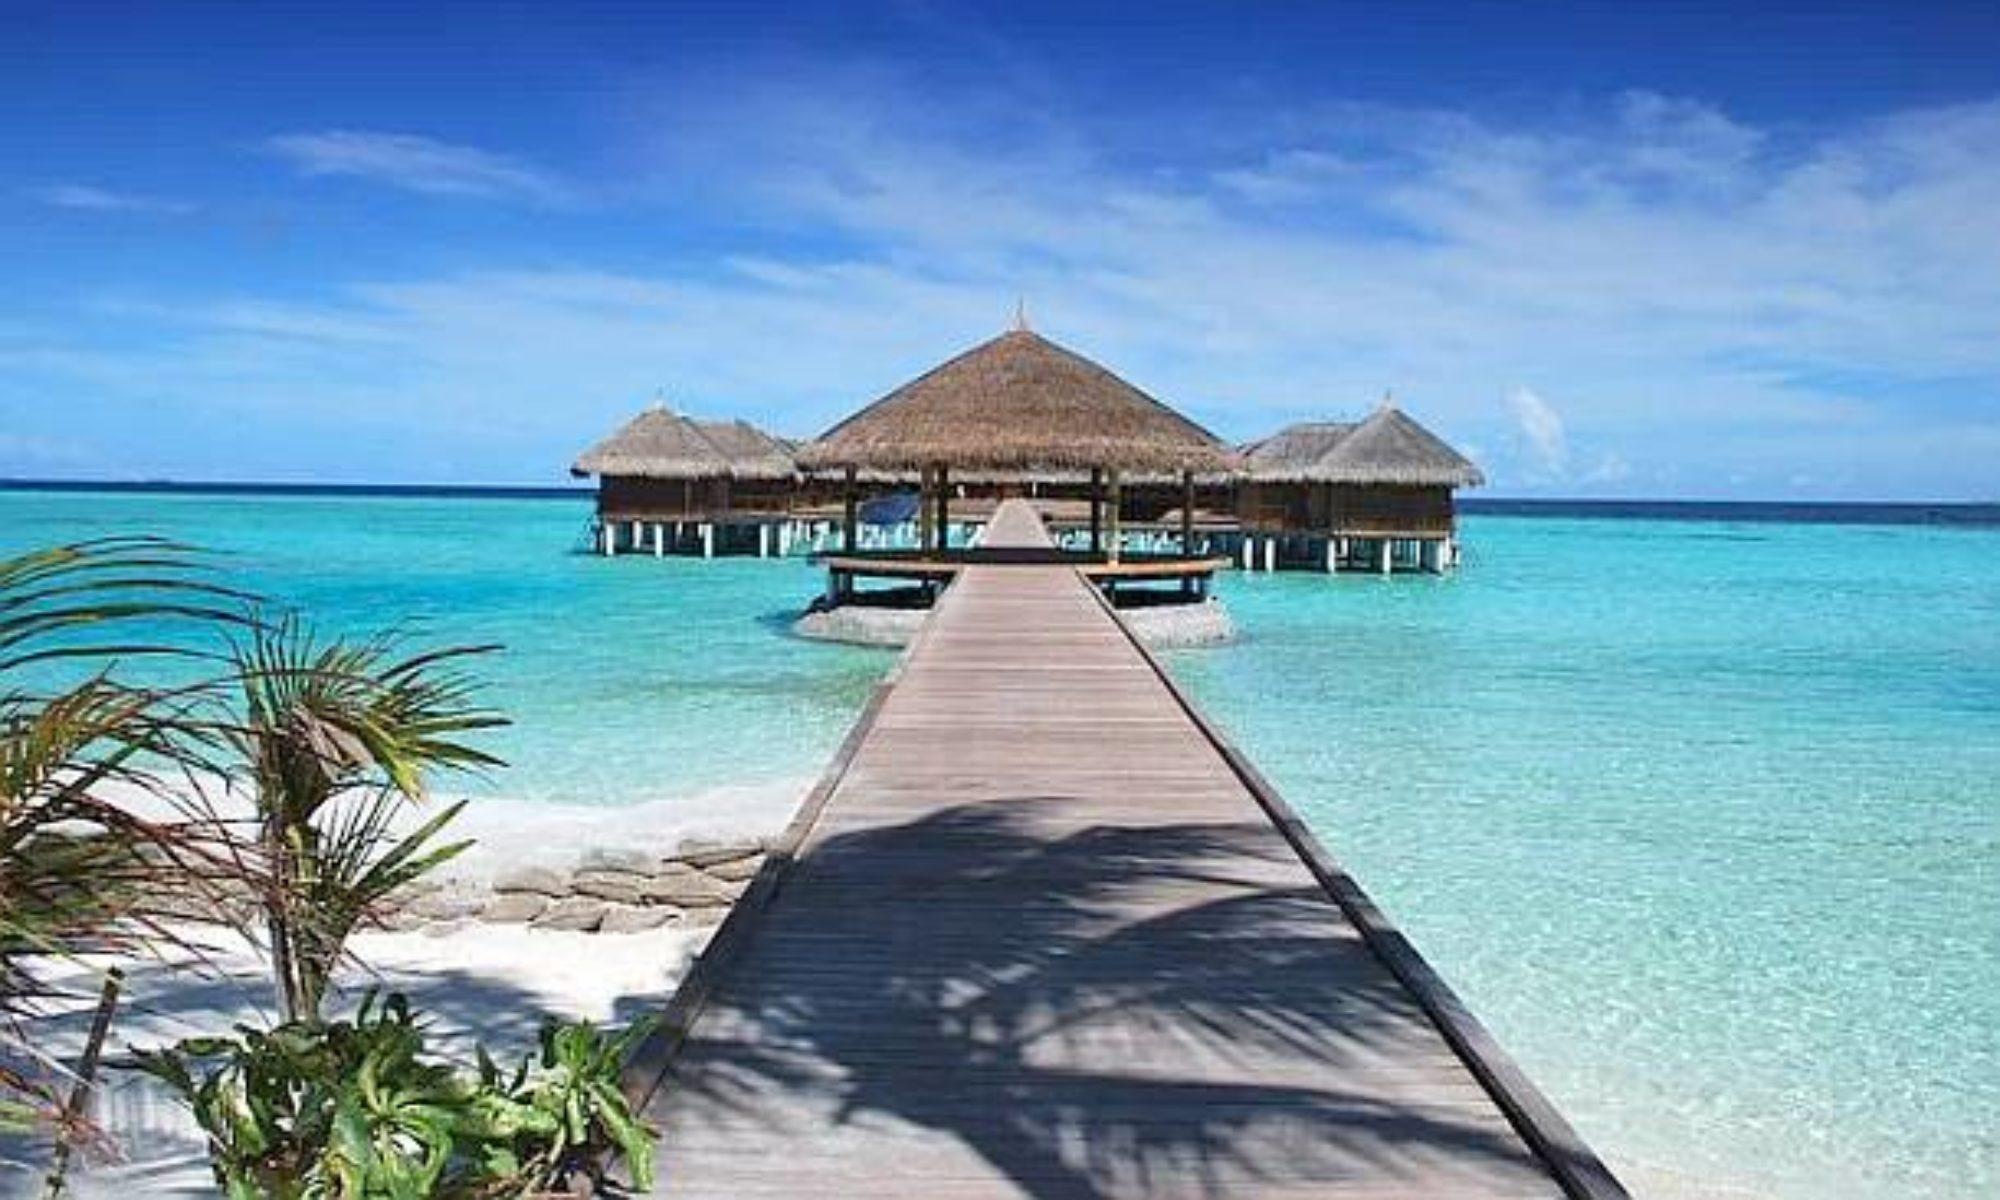 News und Wissenswertes zum Thema Reise & Tourismus